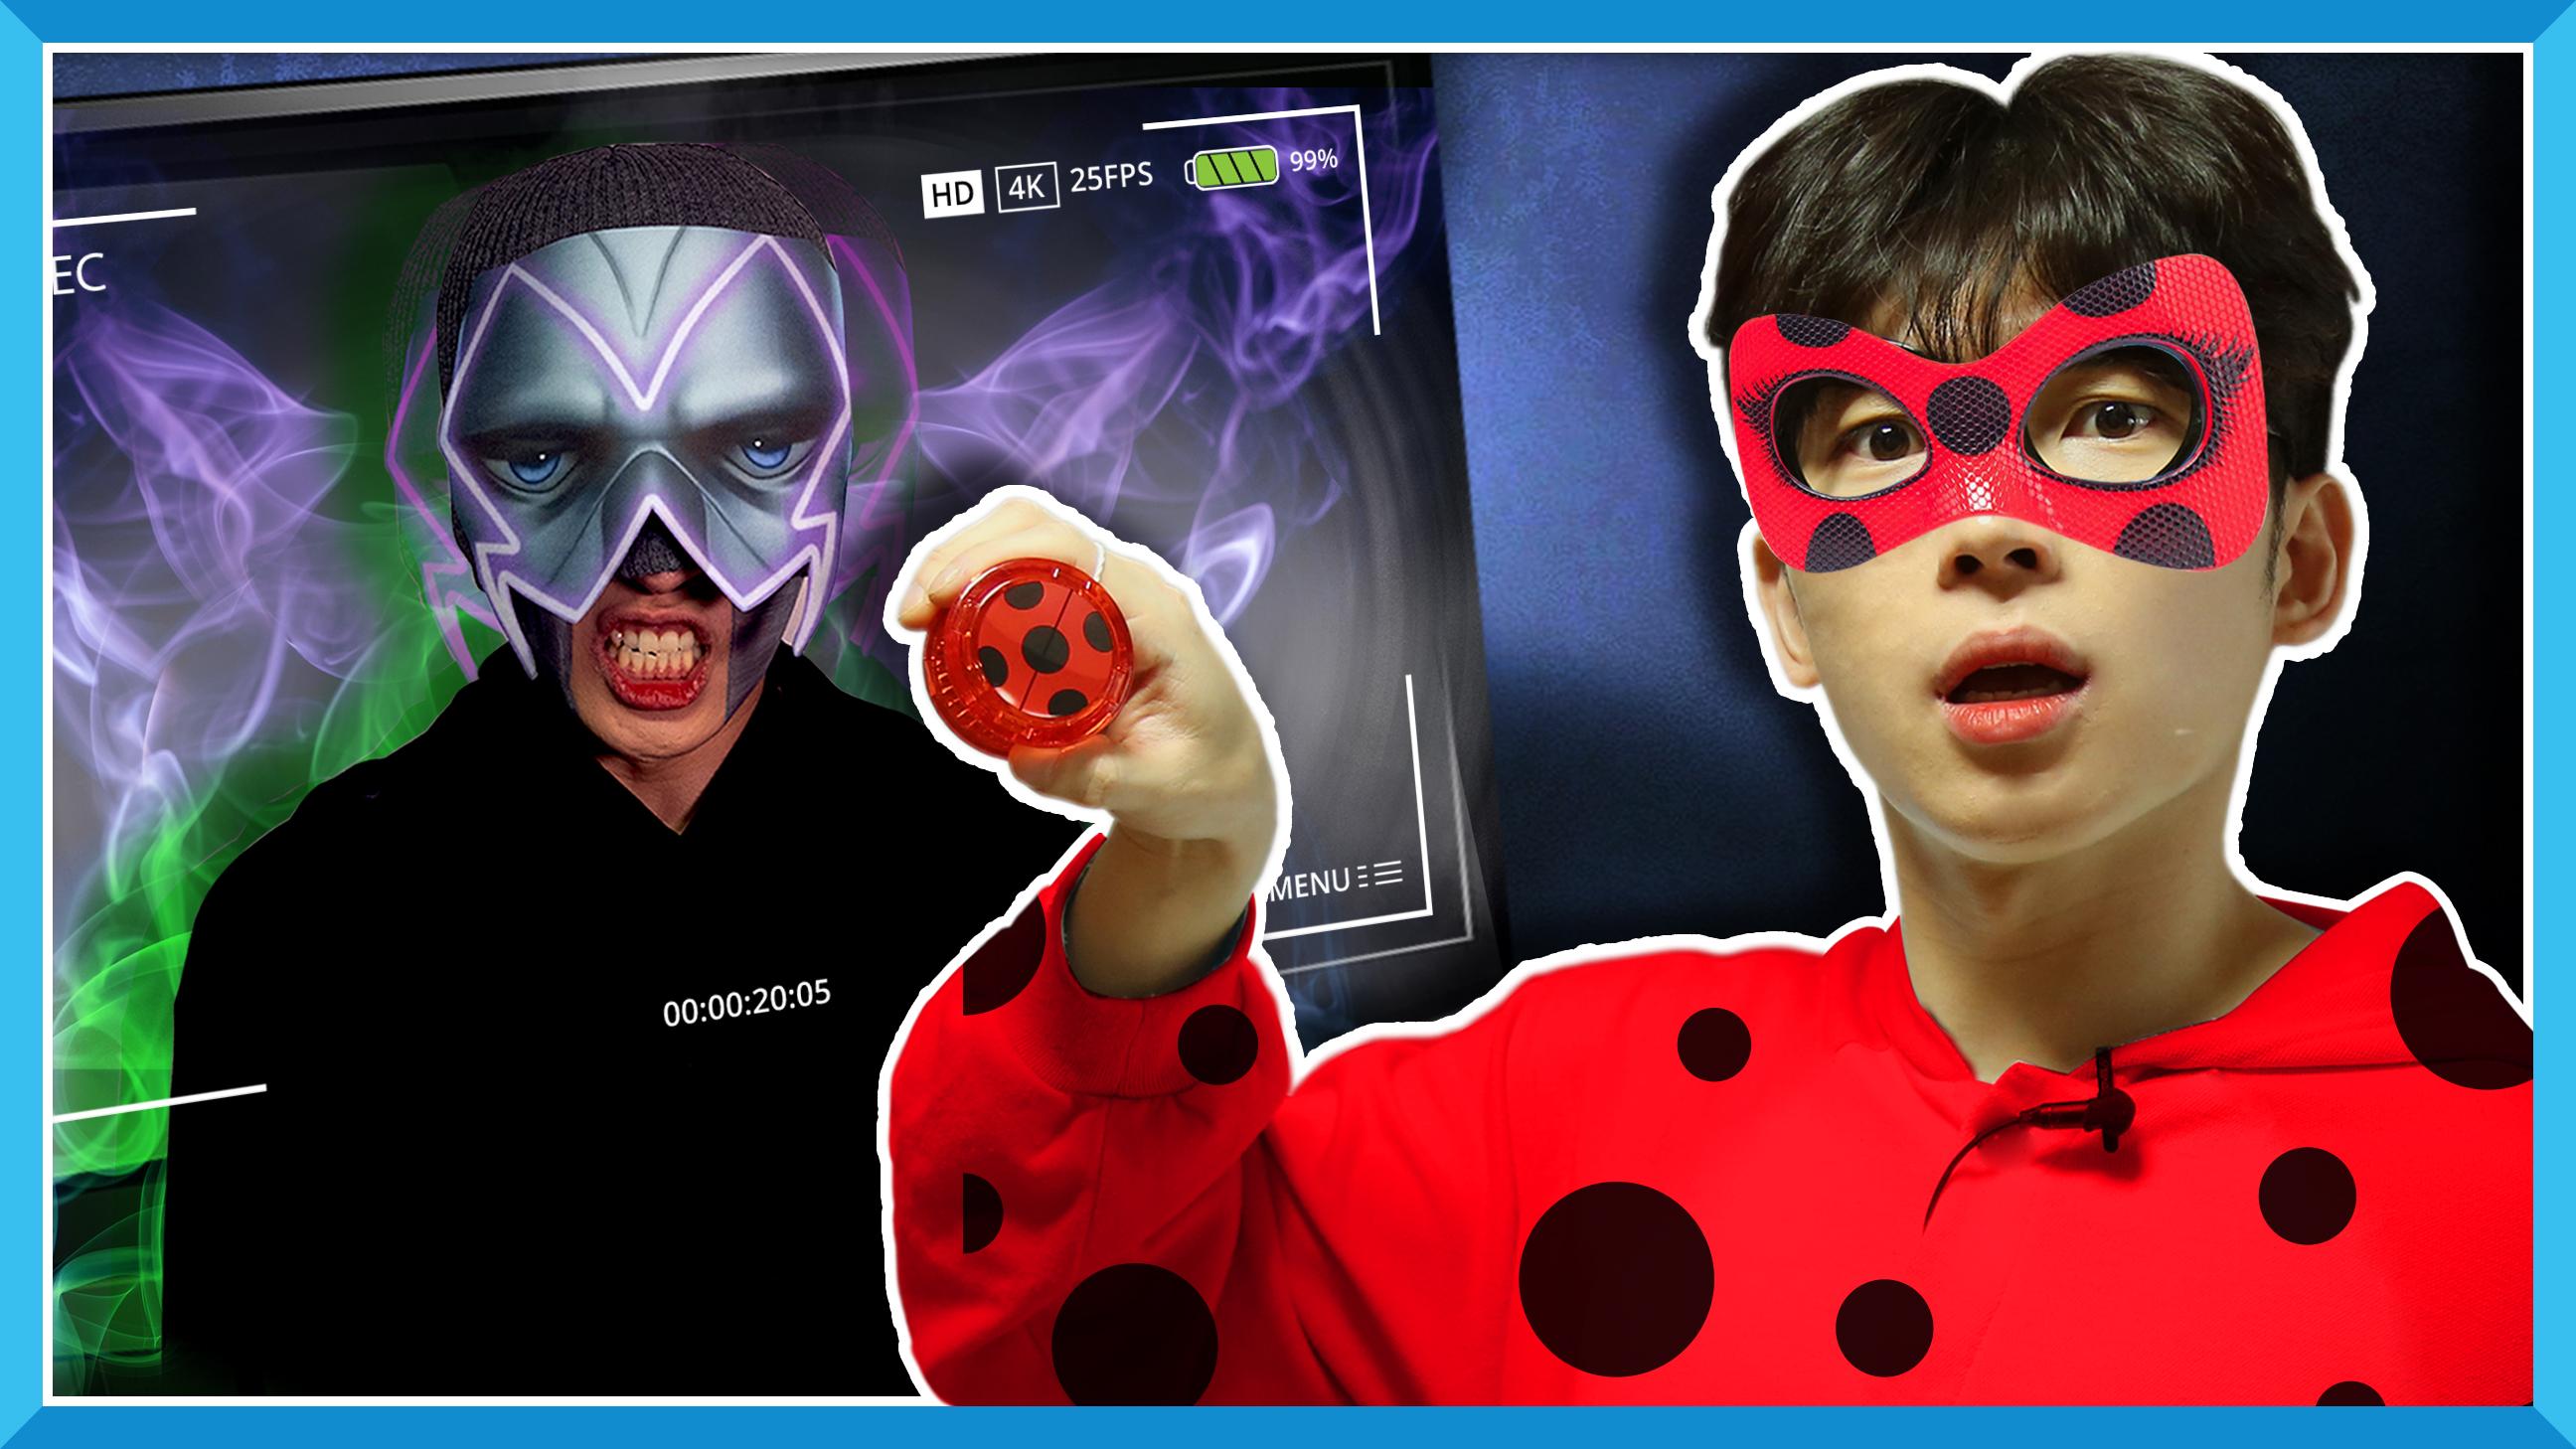 奇迹少女联手凯文!打败神秘的黑蝴蝶邪恶力量!| 凯文和游戏 KevinAndPlay